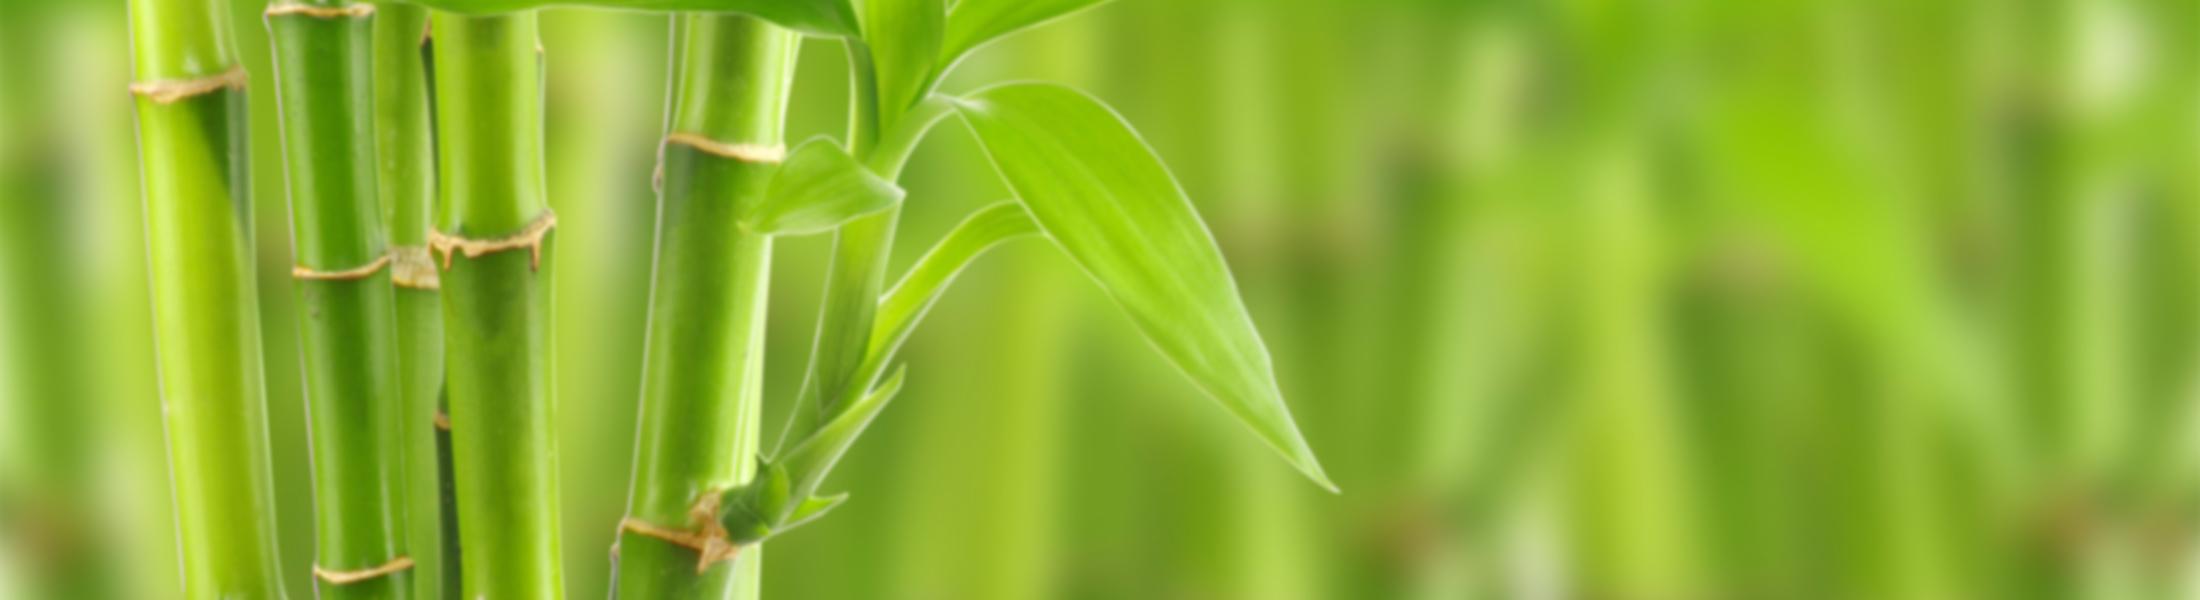 blurred-bamboo